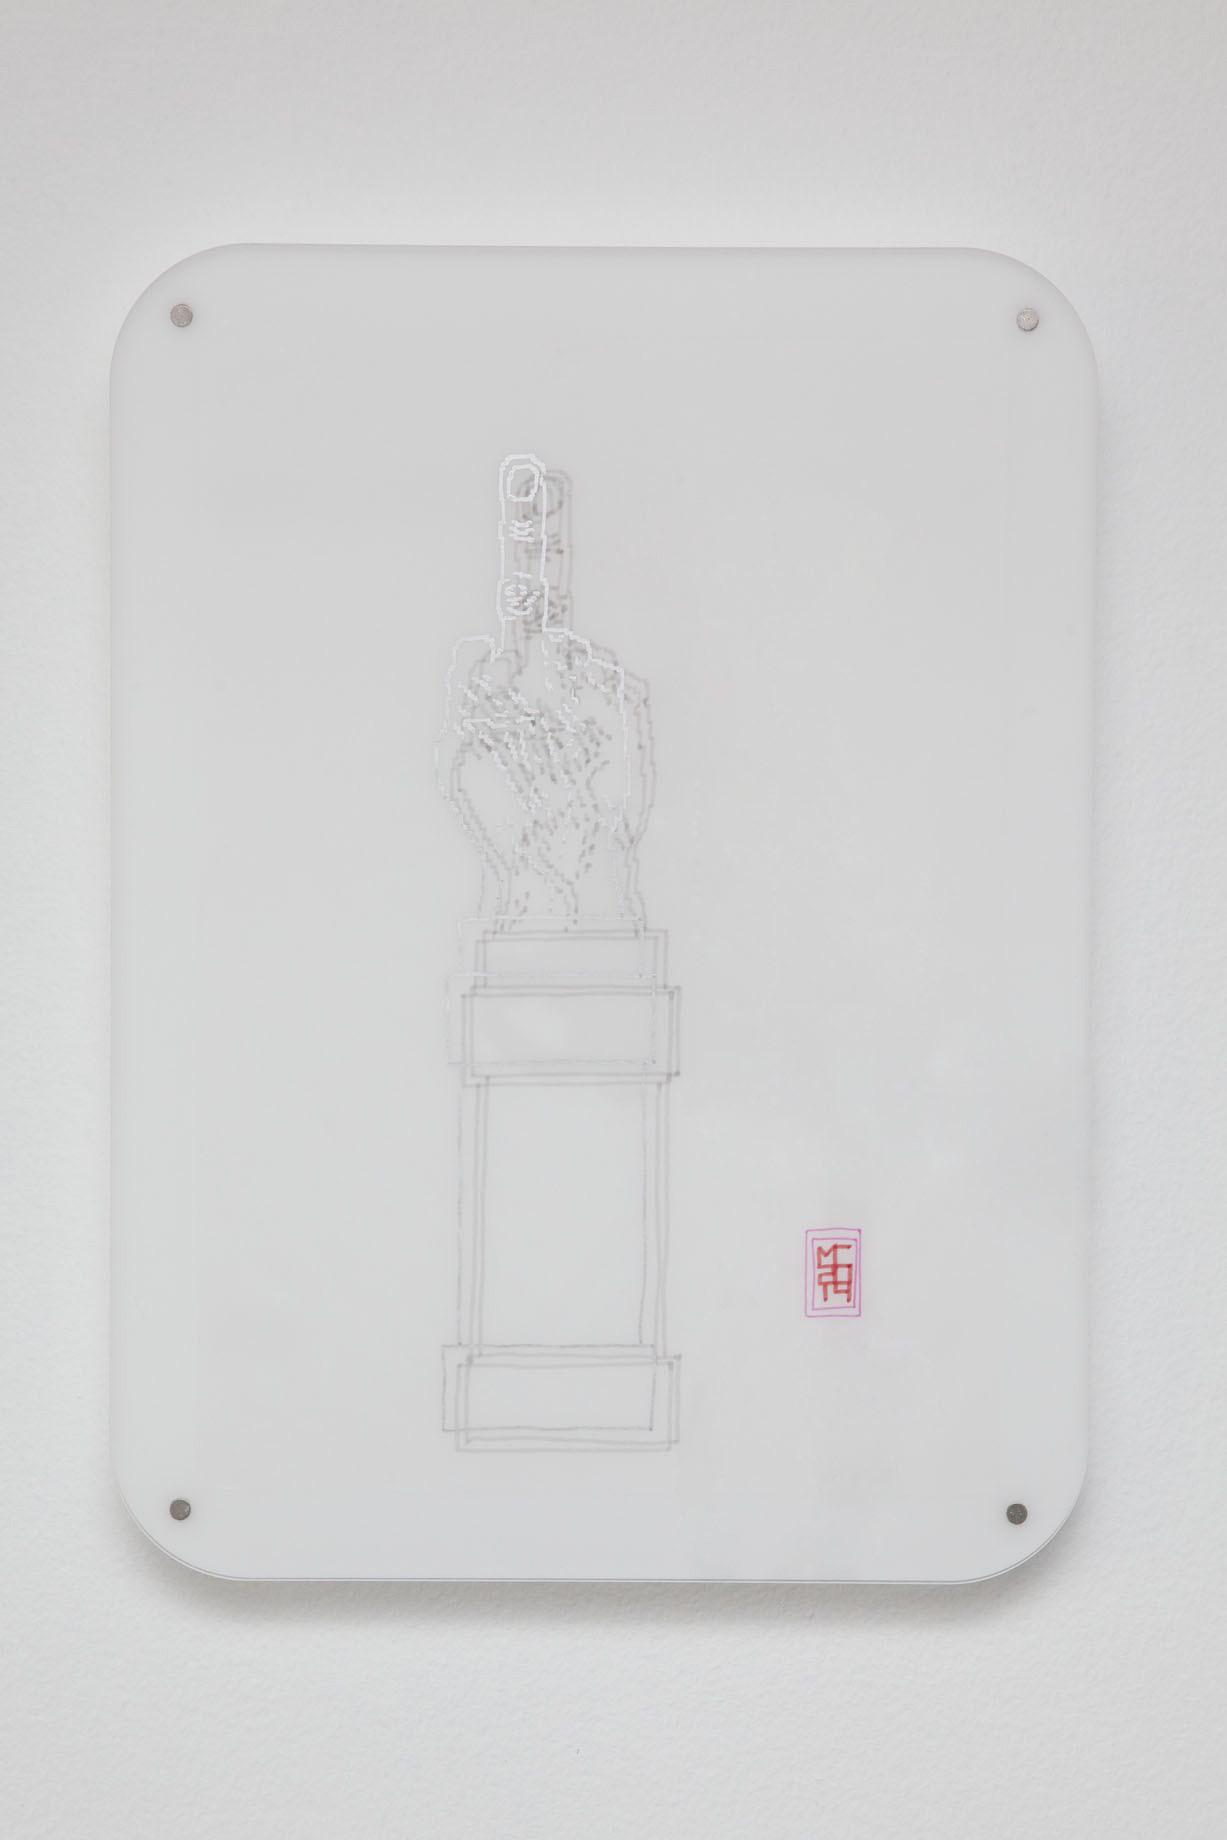 Michele Chiossi LOVE Like, 2014 plexiglas, magneti  pennarelli e pigmento d'argento su carta da lucido Maurizio Cattelan Piazza Affari Milano scultura disegno zigzag #itsmilanobaby